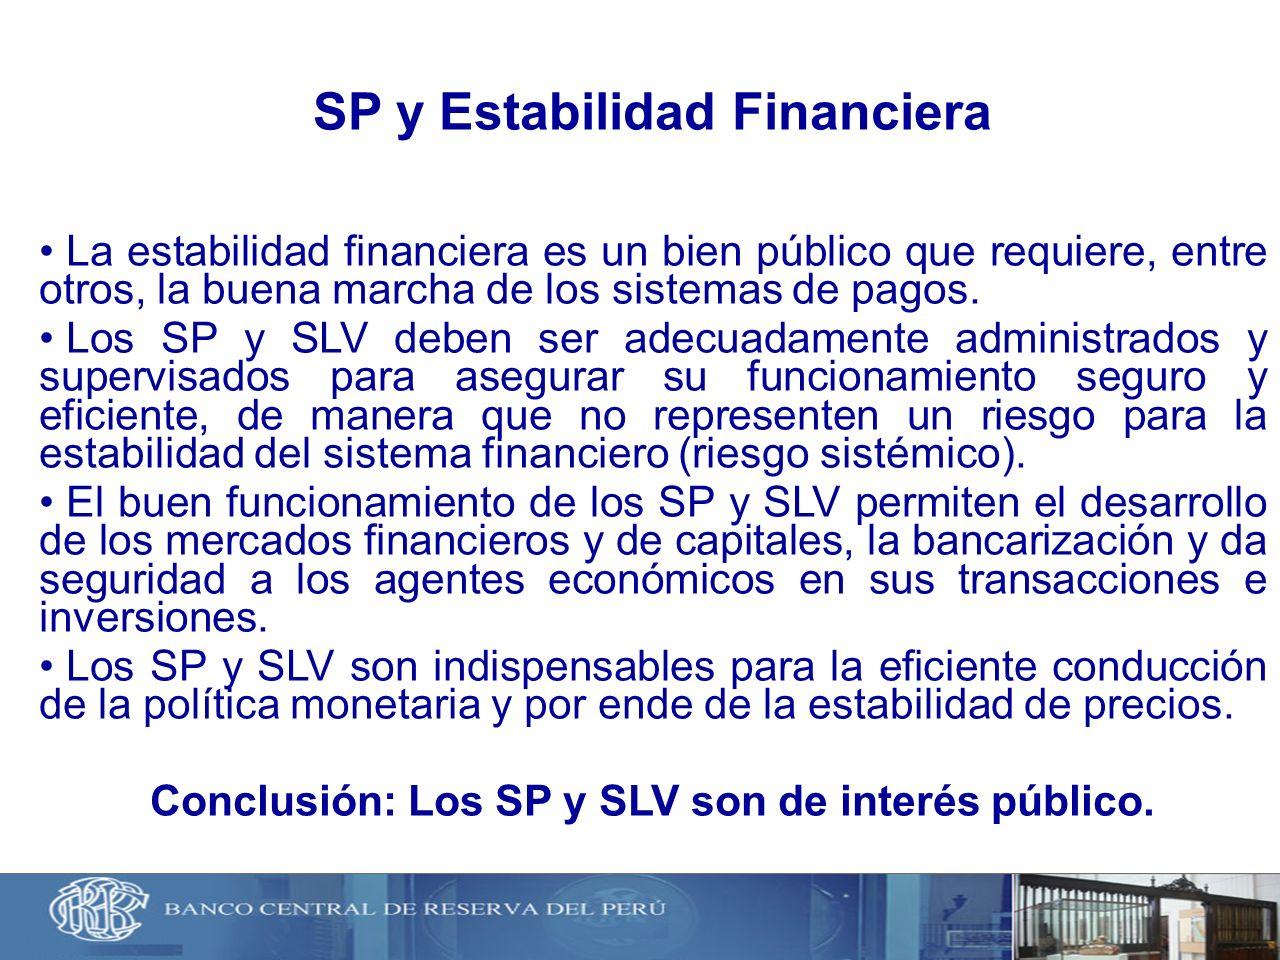 SP y Estabilidad Financiera La estabilidad financiera es un bien público que requiere, entre otros, la buena marcha de los sistemas de pagos. Los SP y